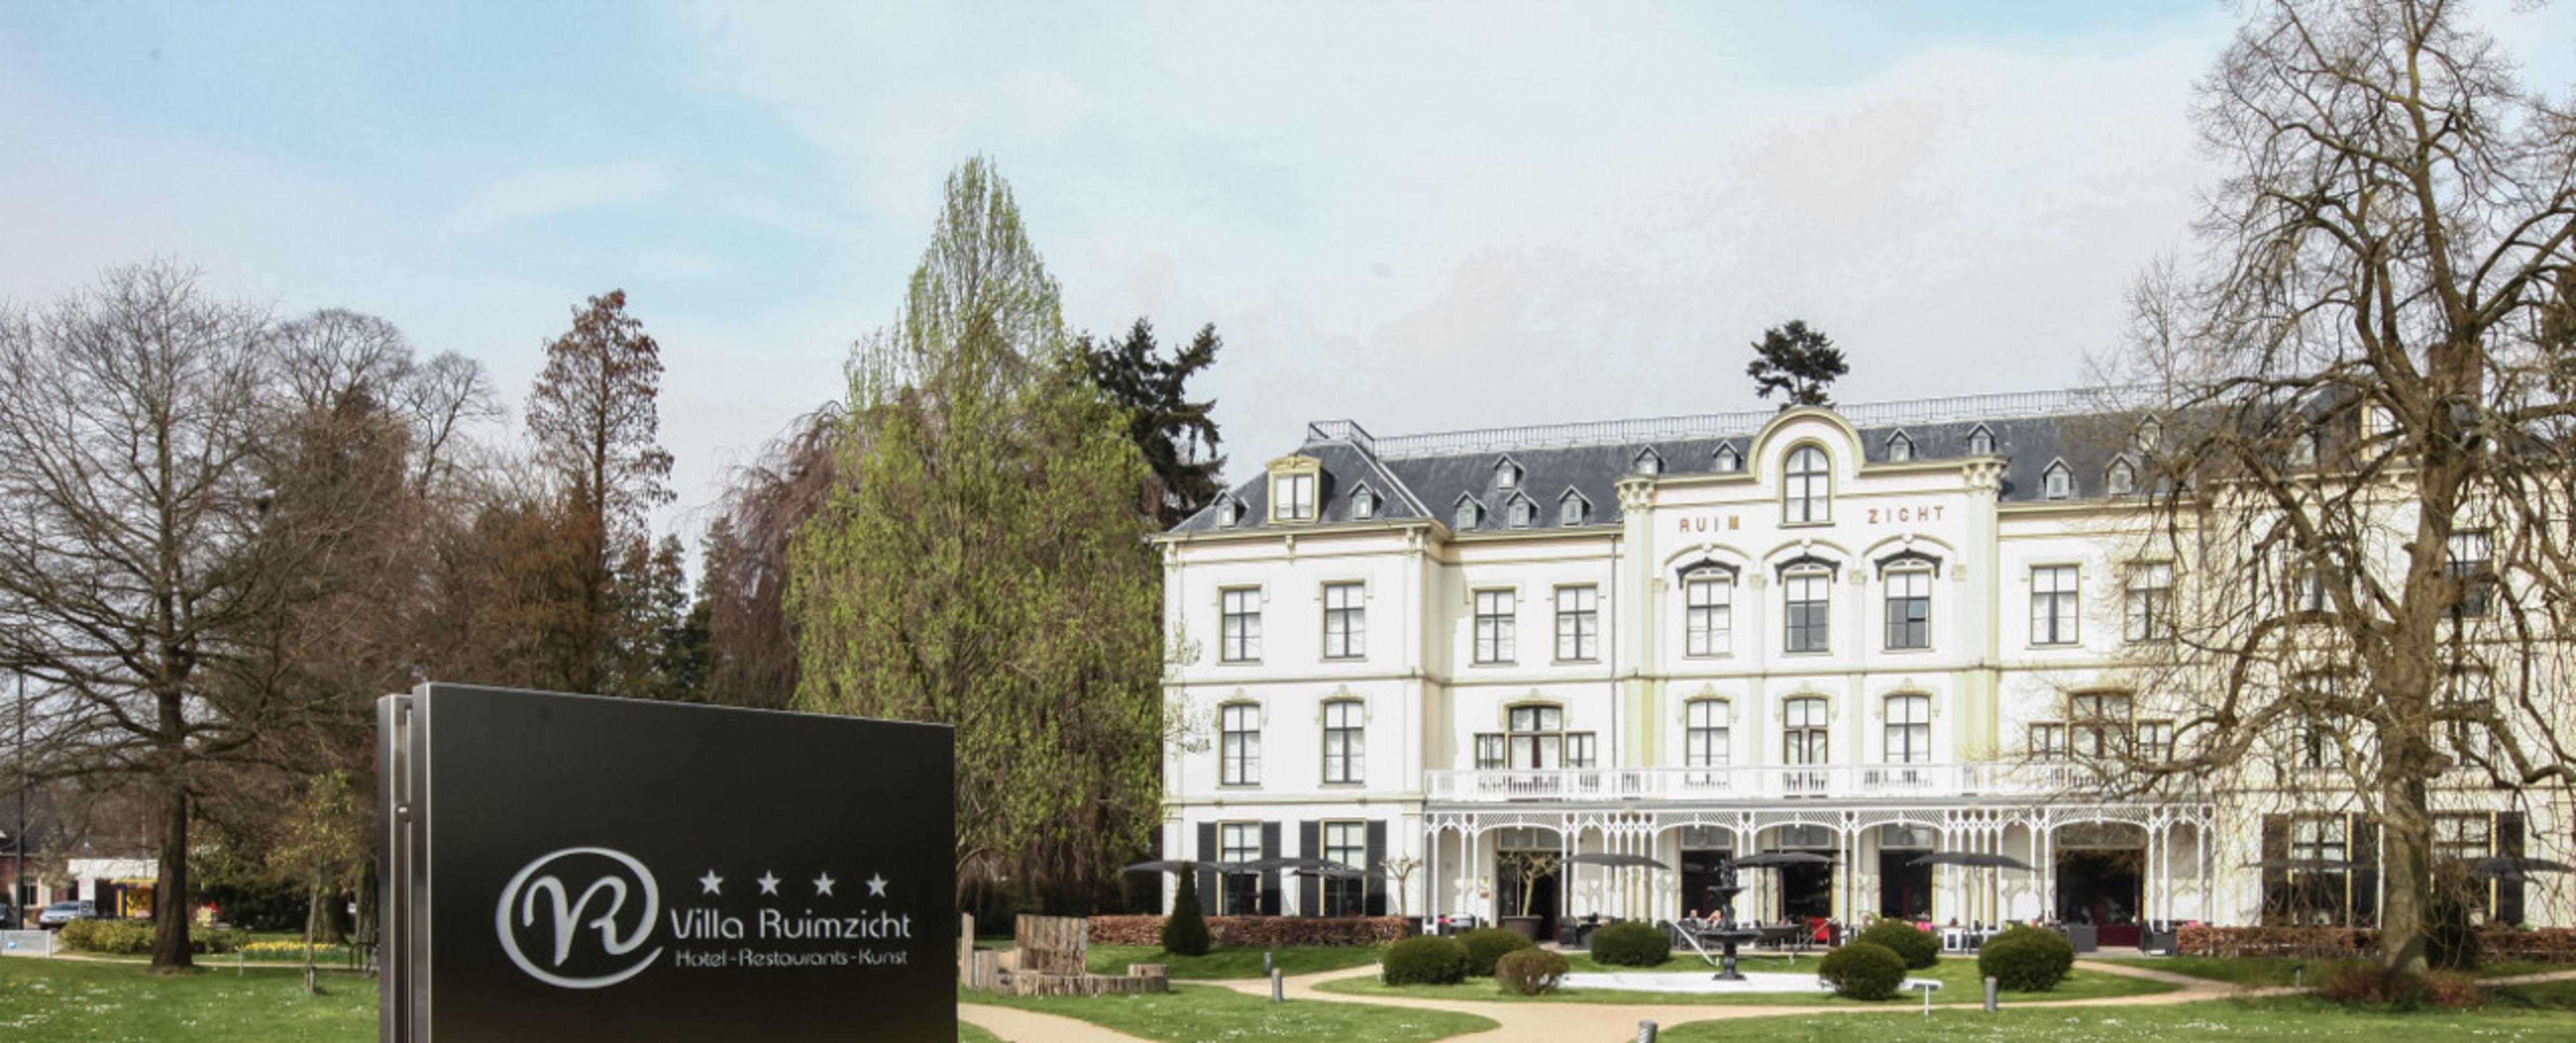 Trouwlocatie Doetinchem Villa Ruimzicht